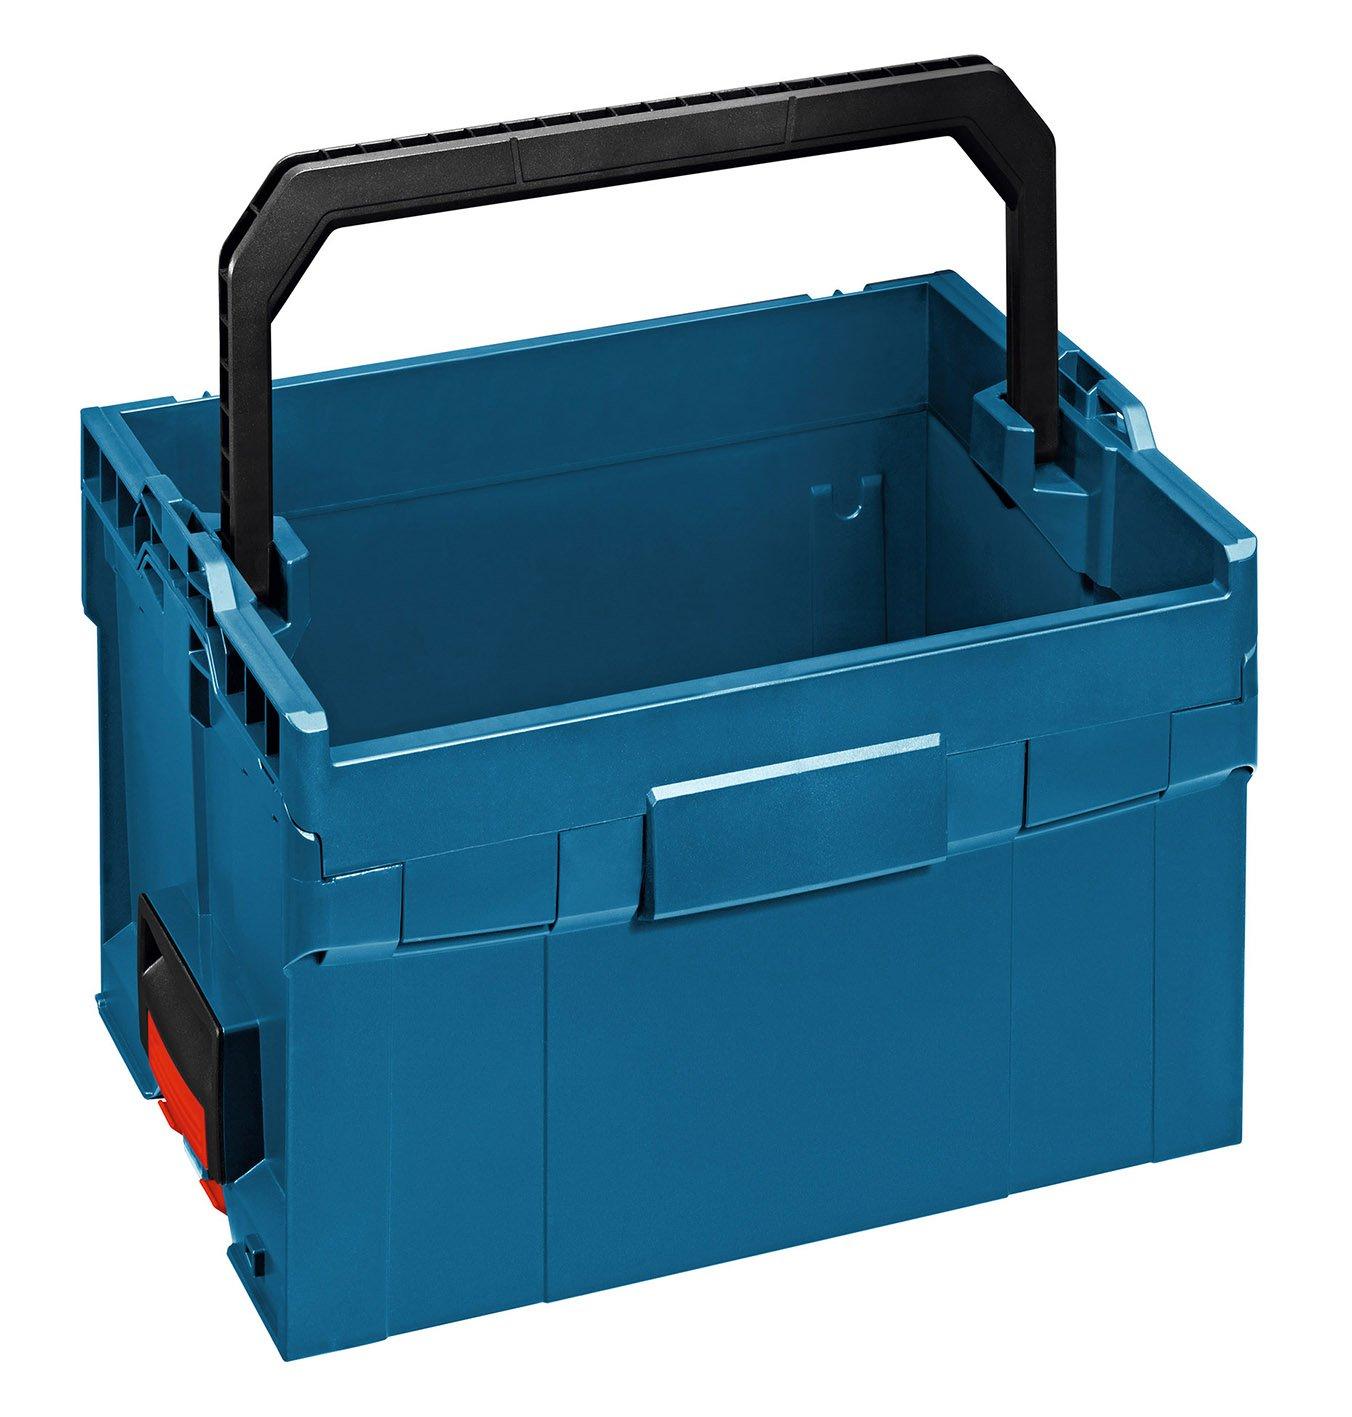 Bosch Professional Caisse à outils LT-BOXX 272 (2,7 kg, Dimensions intérieures L x l x h : 306 x 378 x 265 mm)